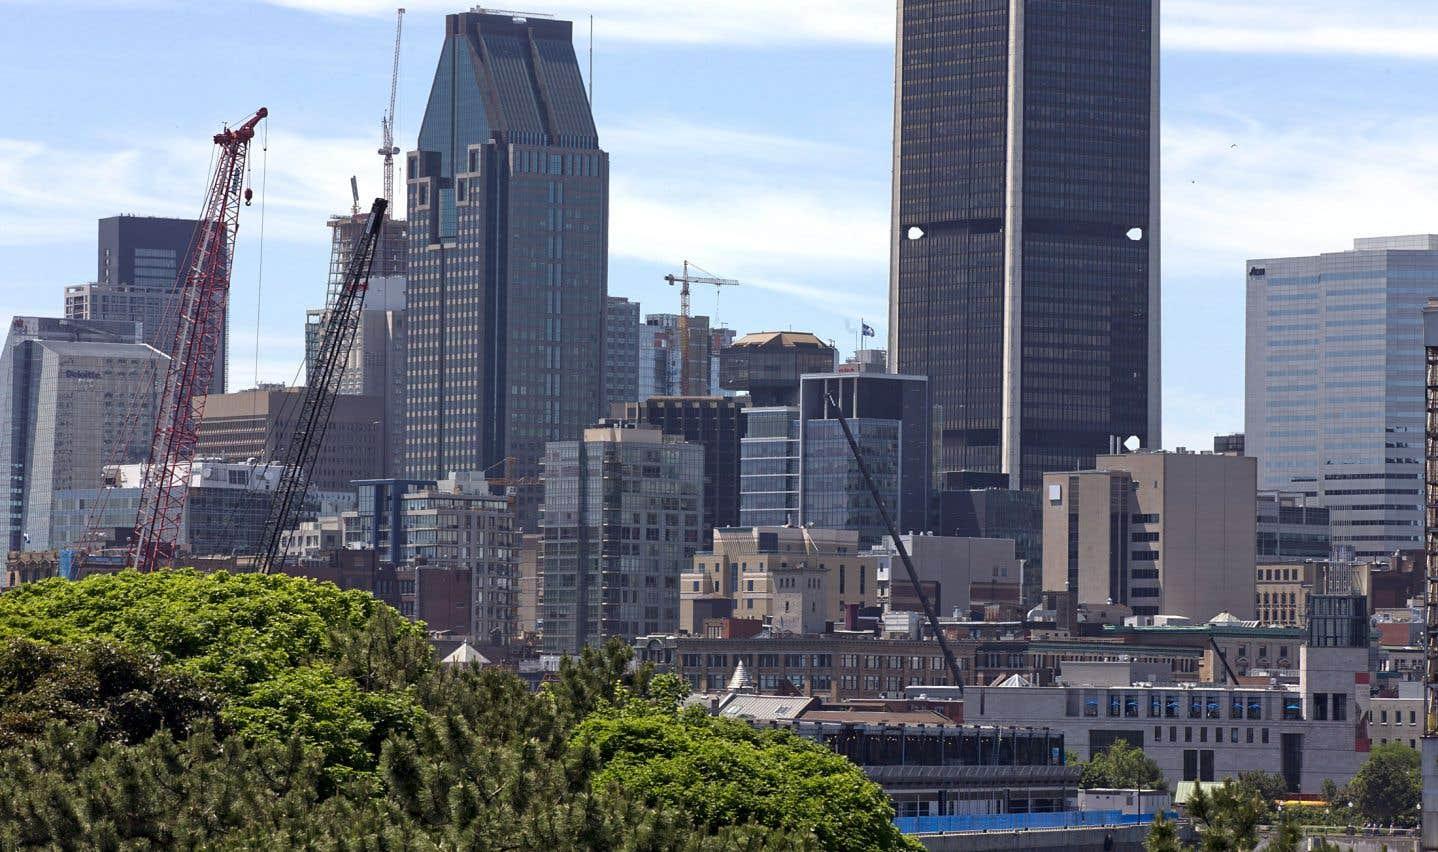 Penser le coeur de la métropole avec la stratégie centre-ville